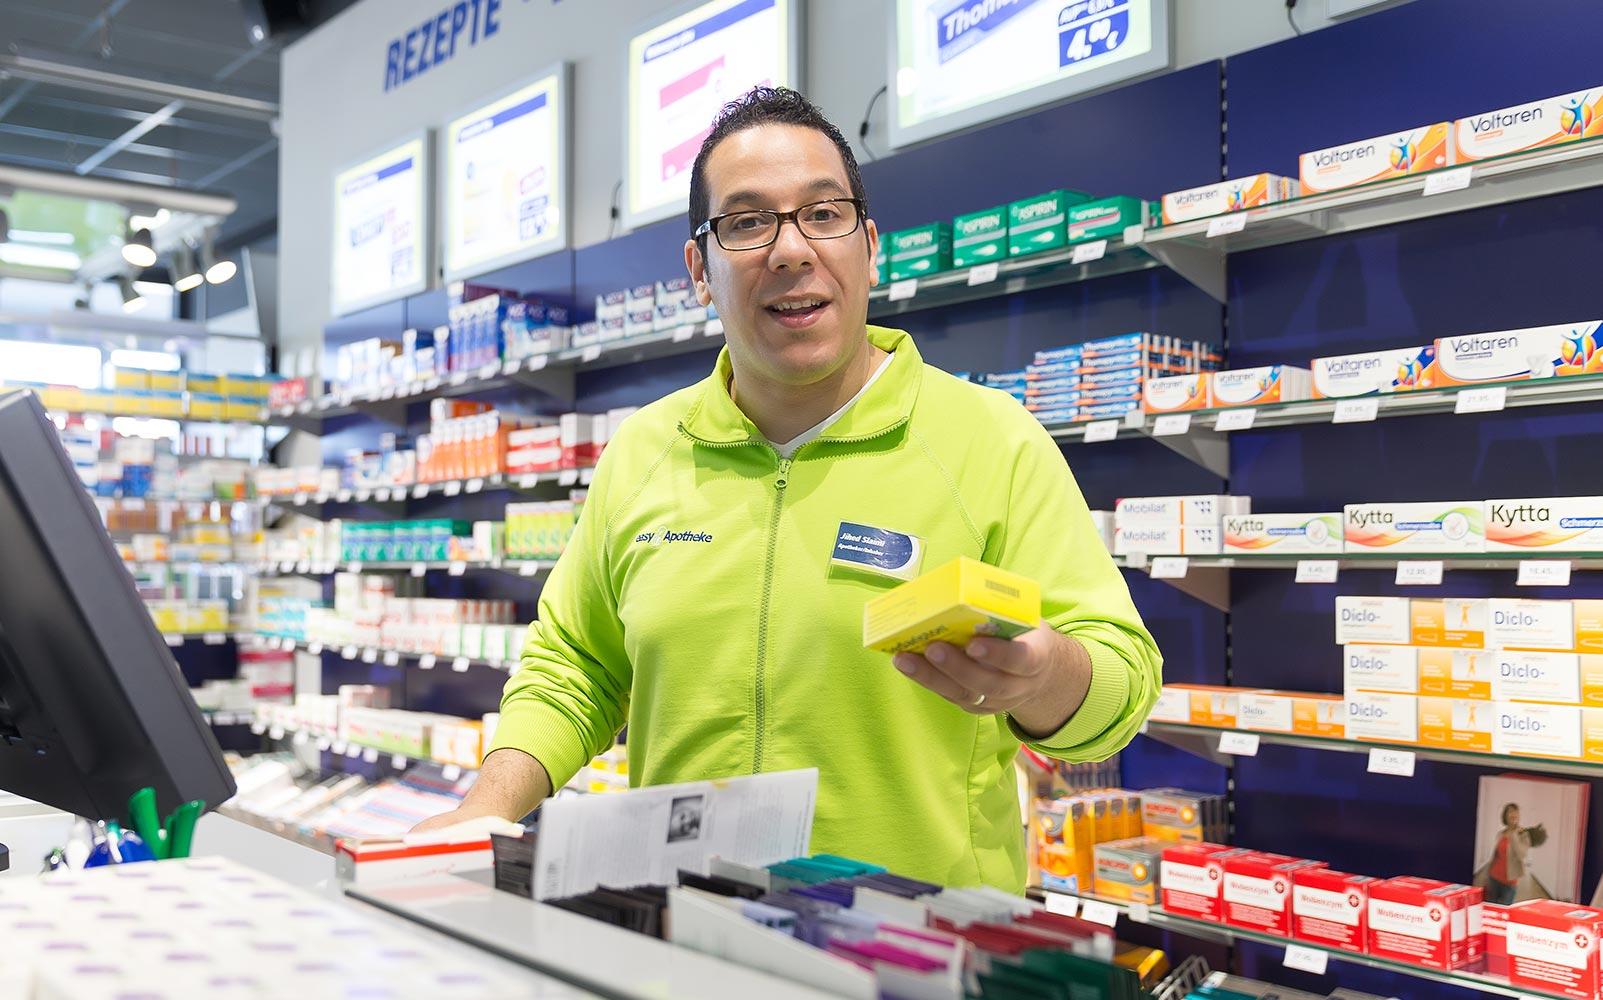 Apotheker Jihed Slaimi in seiner easyApotheke in Henstedt-Ulzburg